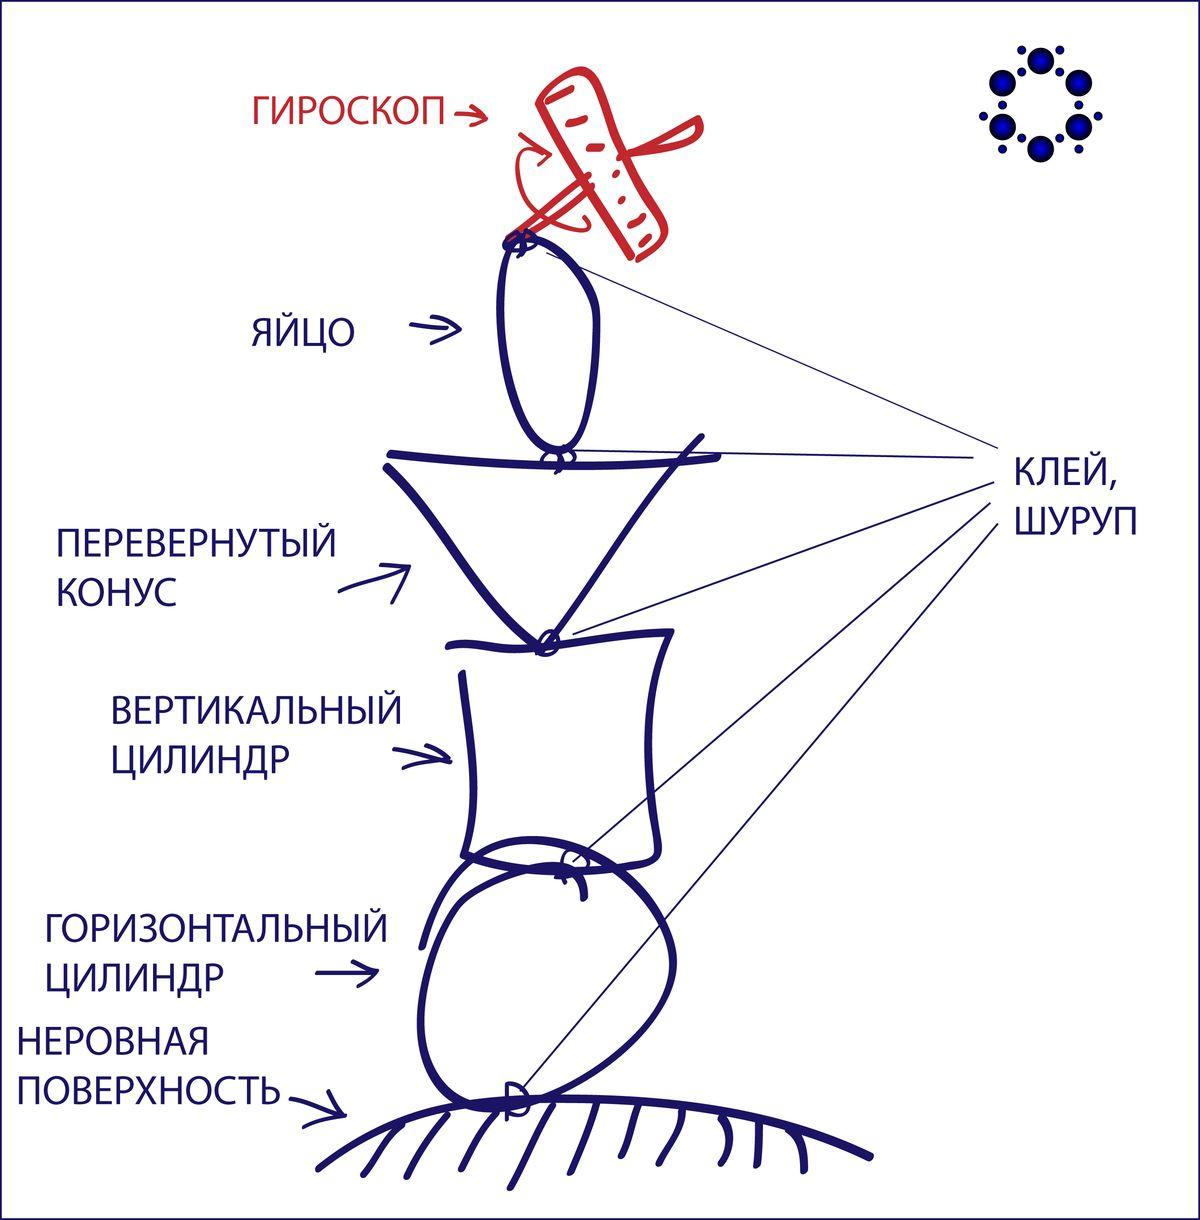 <h1>Гироскопы против гороскопов: секреты устойчивости финансовых систем )))</h1>